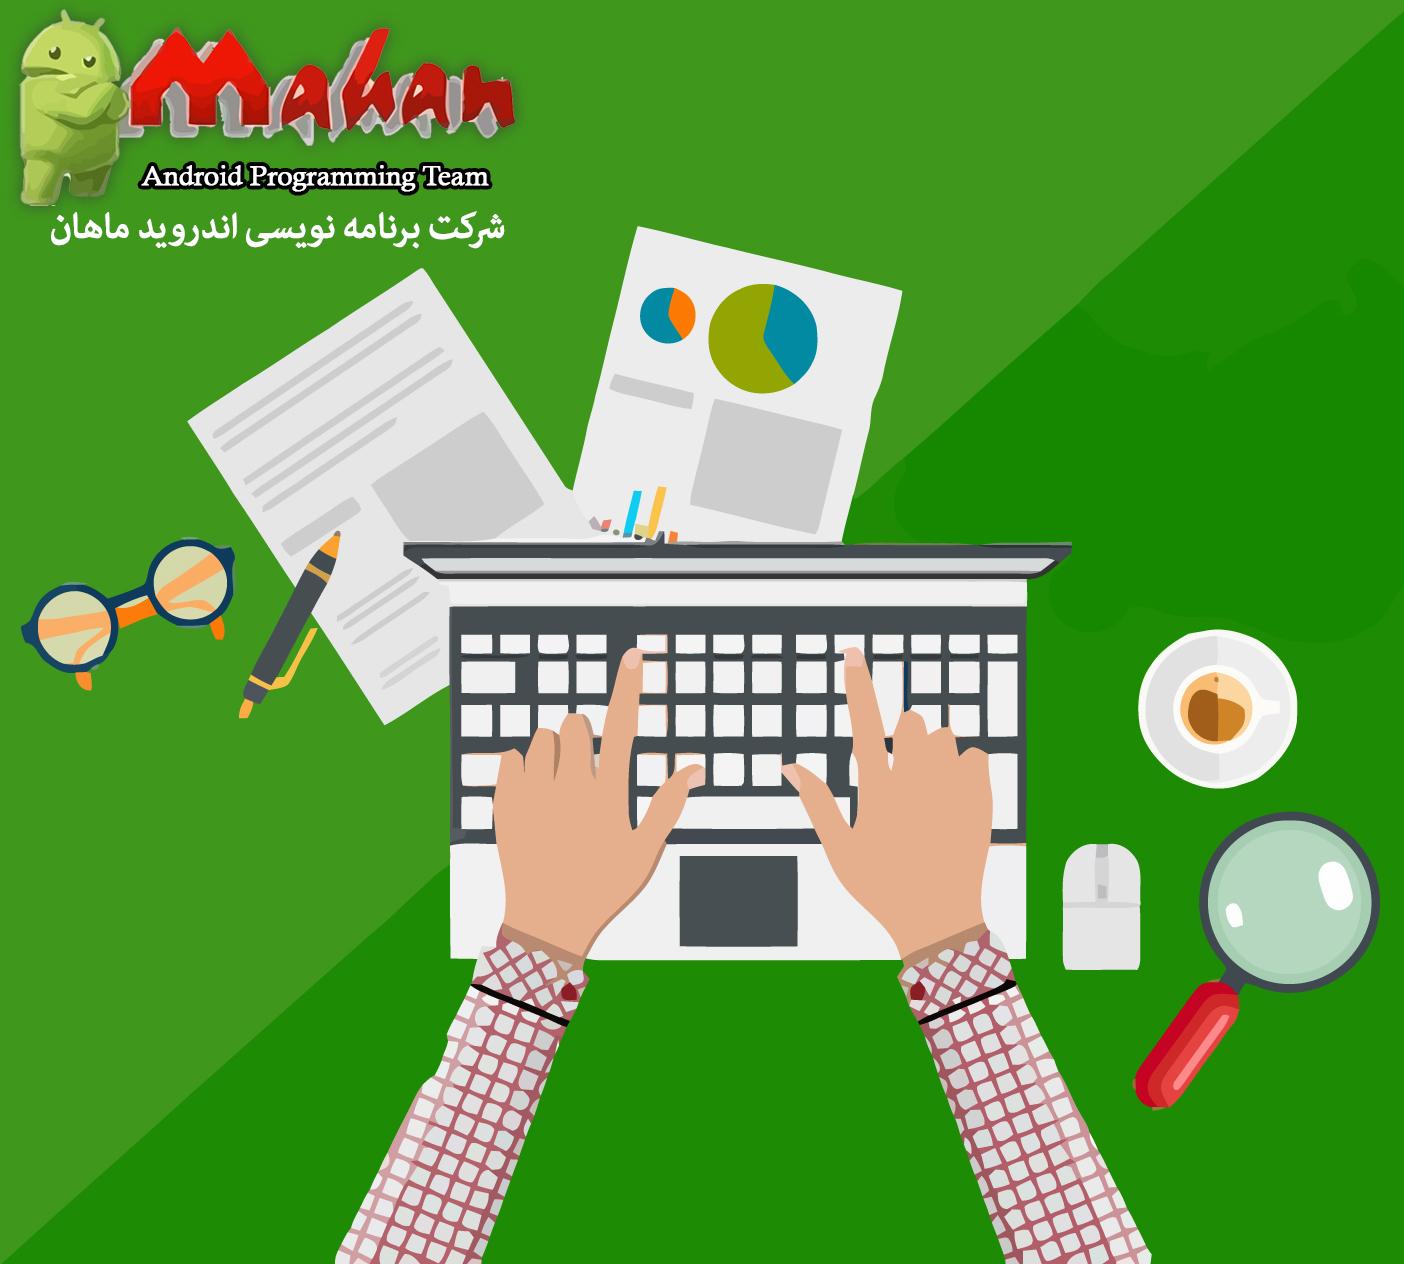 کاربرد برنامه نویسی اندروید در تهران